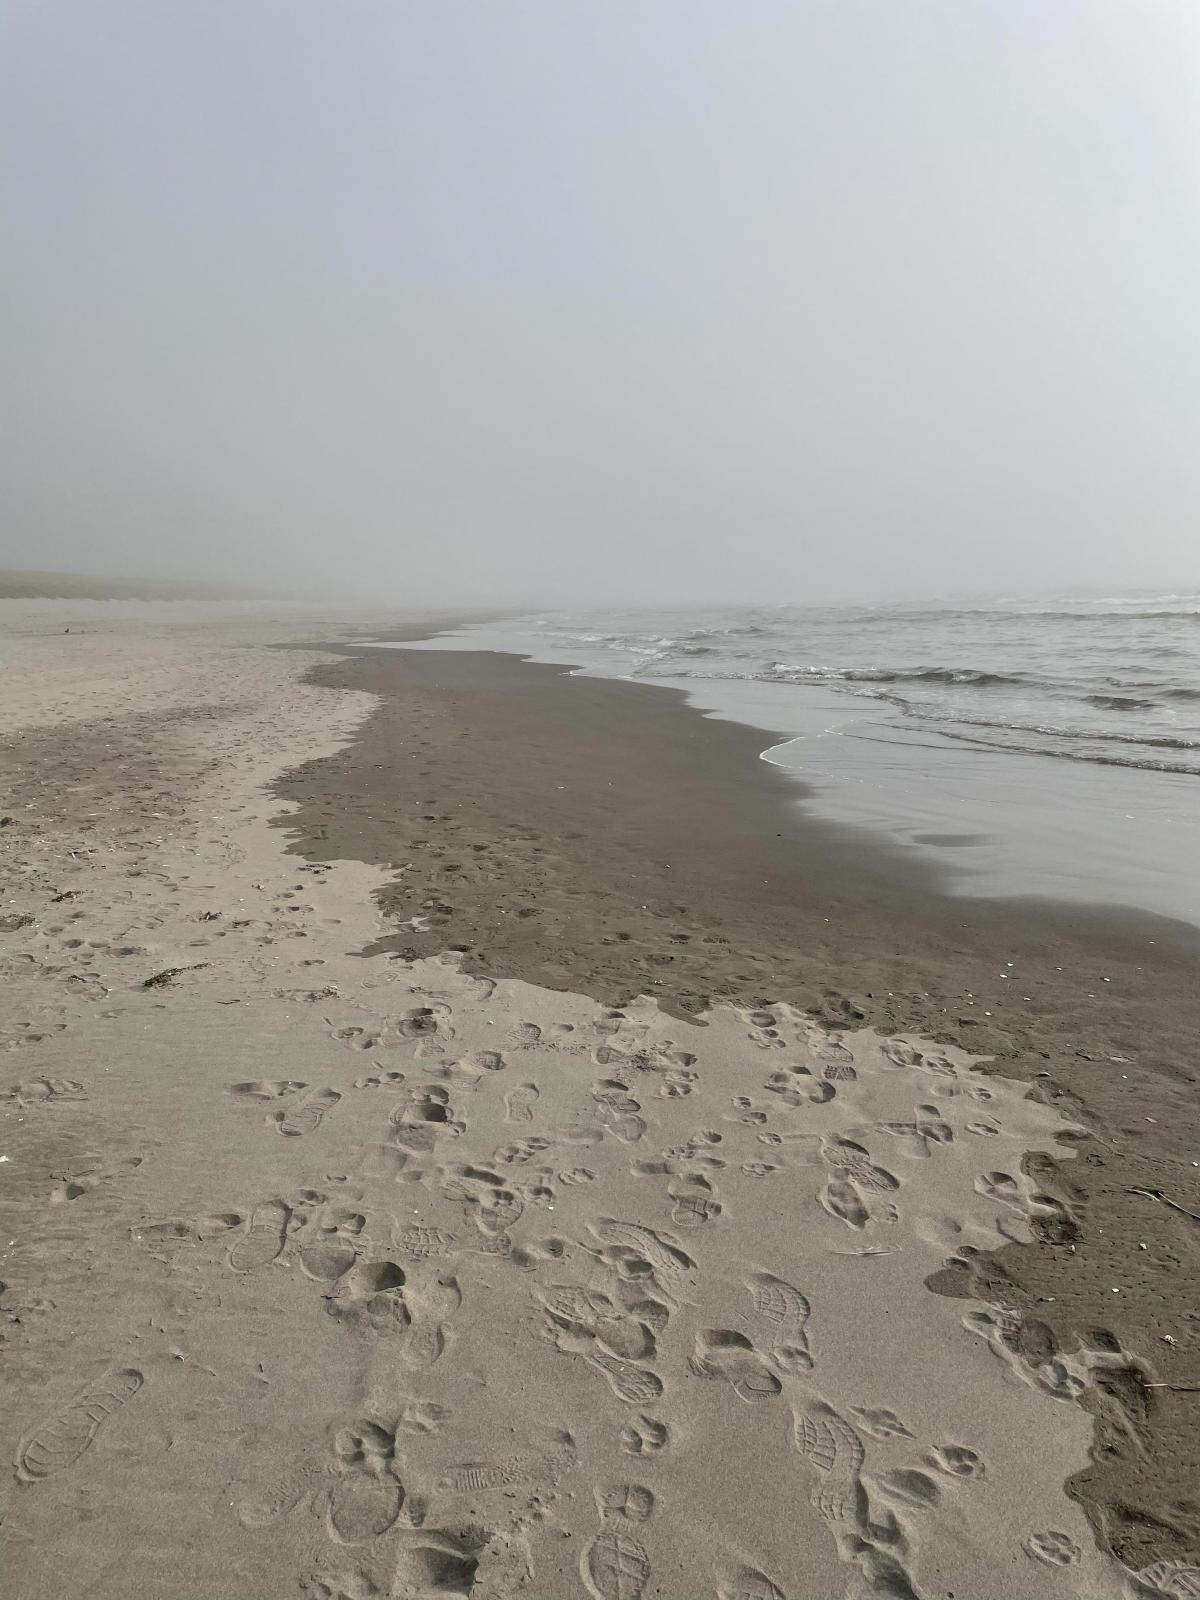 View of foggy beach